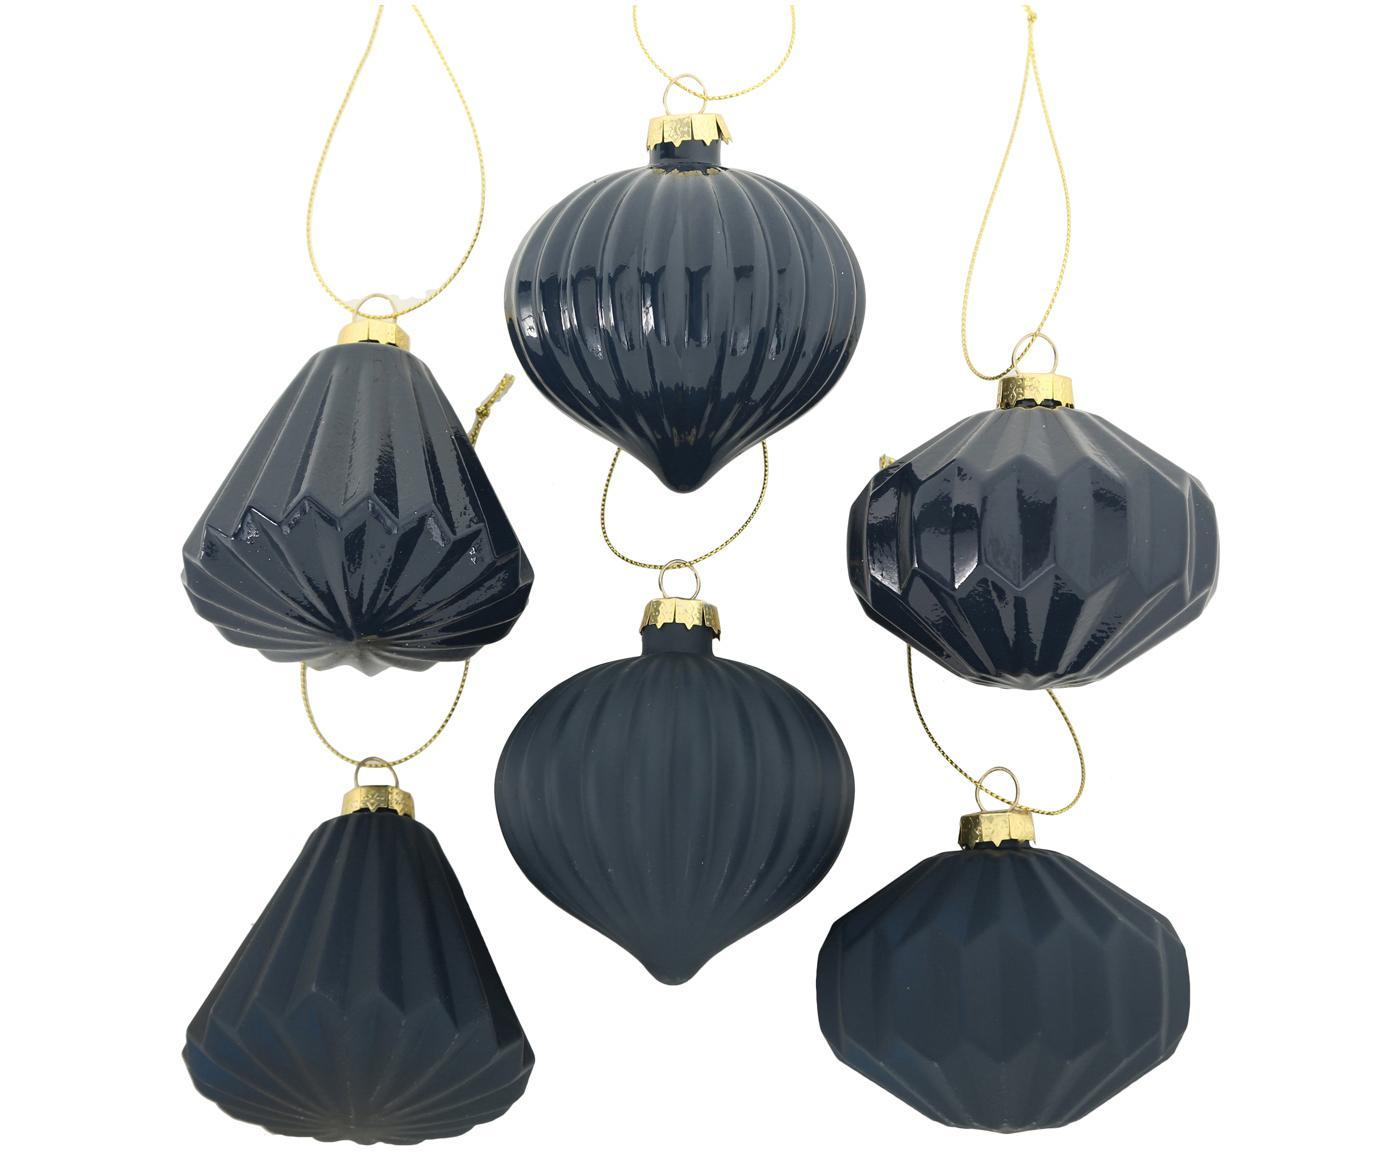 Komplet ozdób choinkowych Origami, 6elem., Ciemny niebieski, Ø 8 x W 8 cm